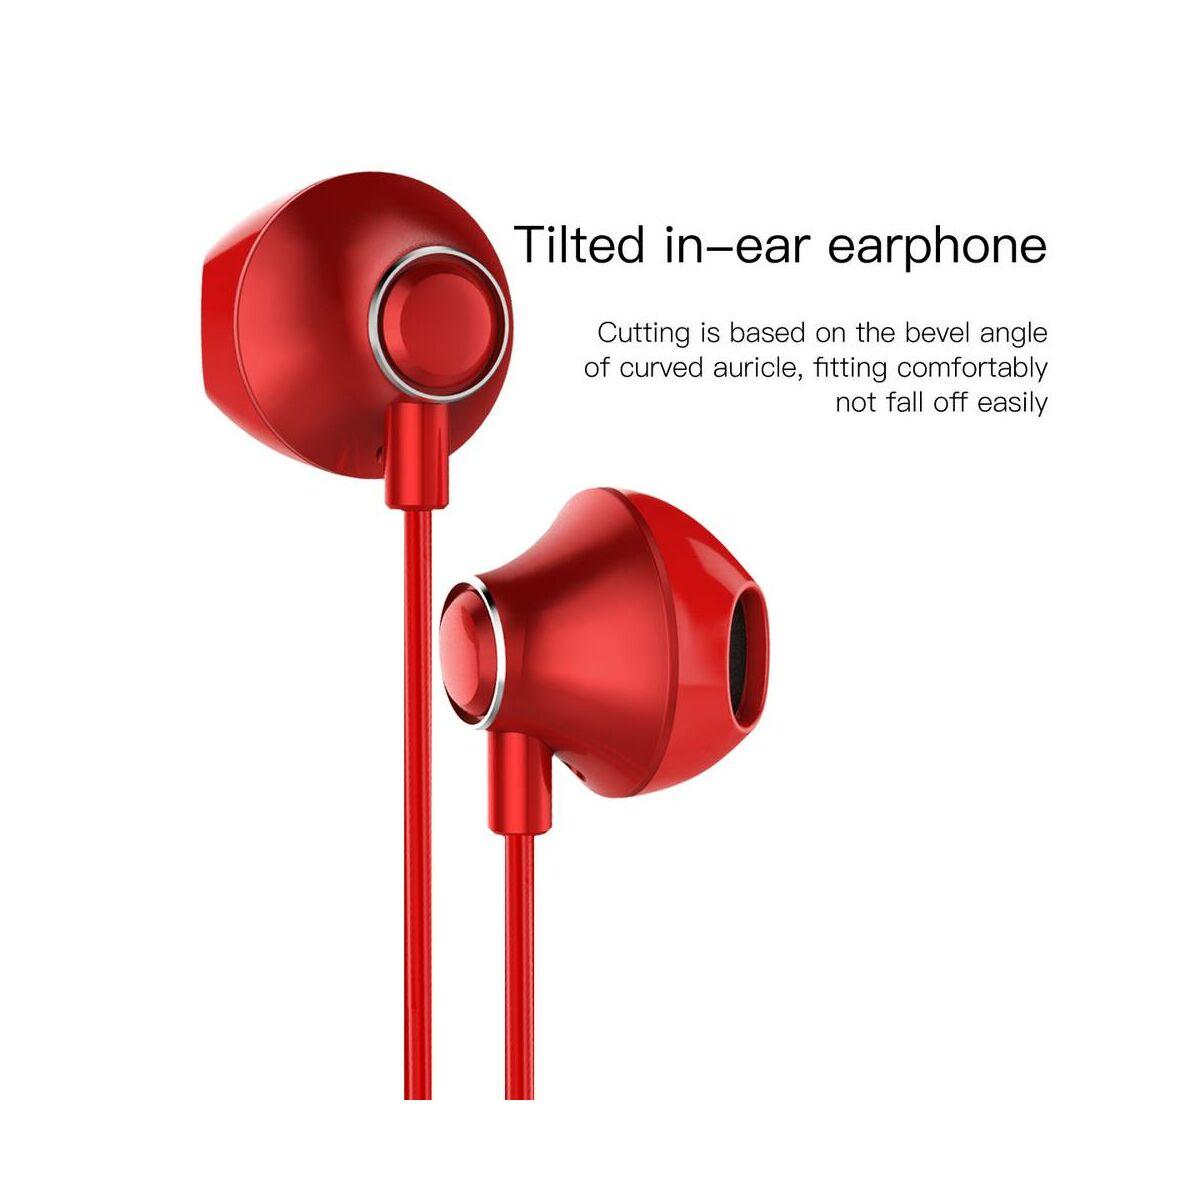 Baseus fülhallgató, Encok H06 lateral-in-ear, mini jack, vezetékes, piros (NGH06-09)